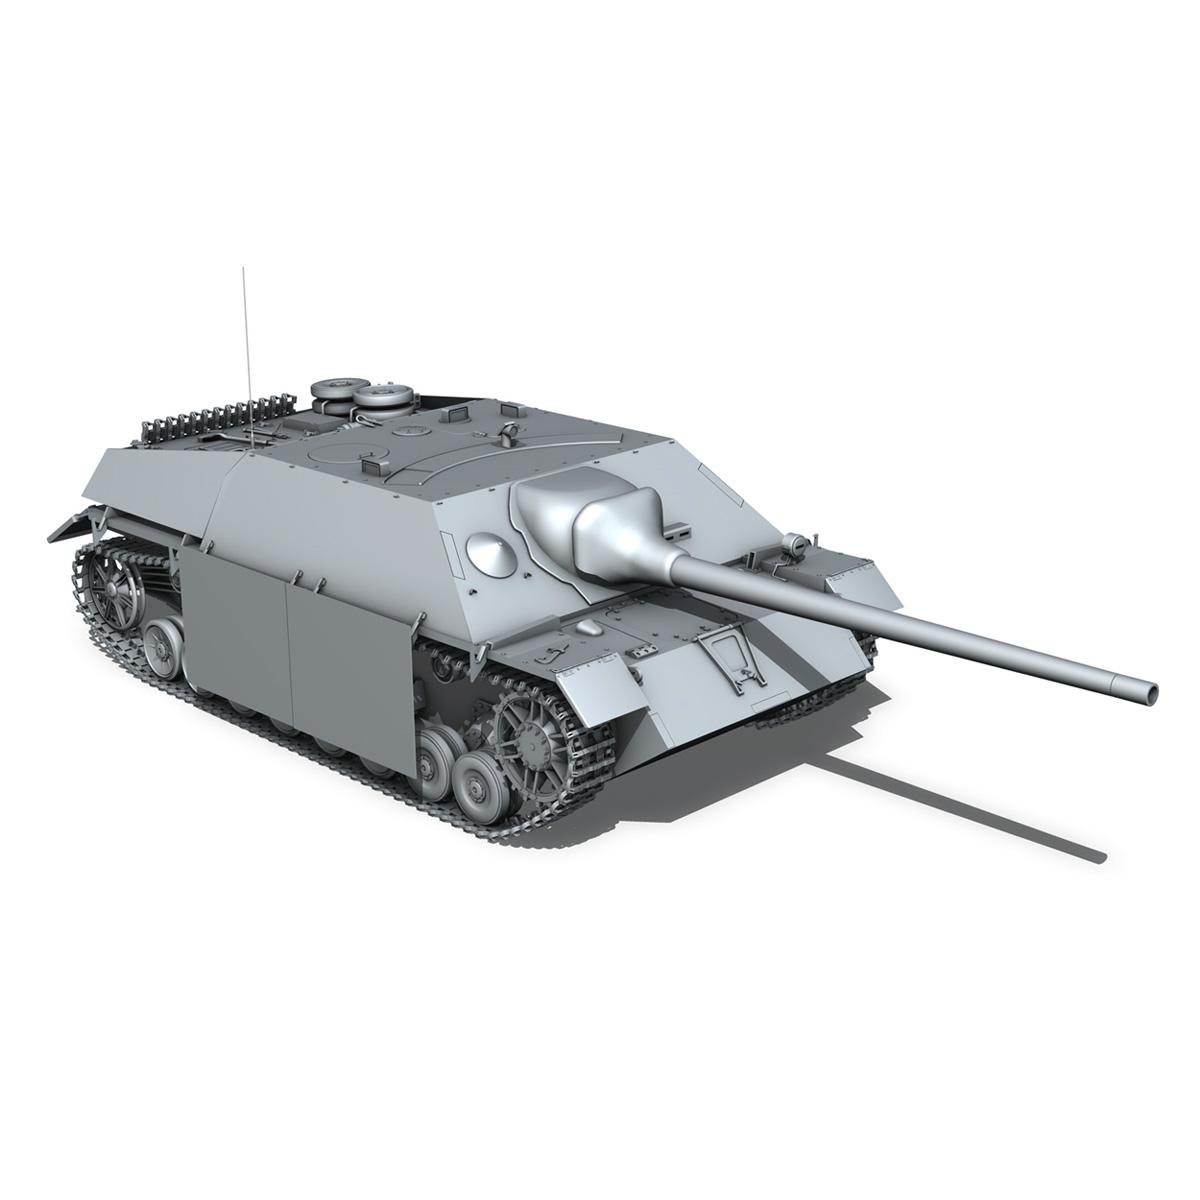 jagdpanzer iv l/70 (v) – 322 – late production 3d model 3ds fbx c4d lwo obj 282355